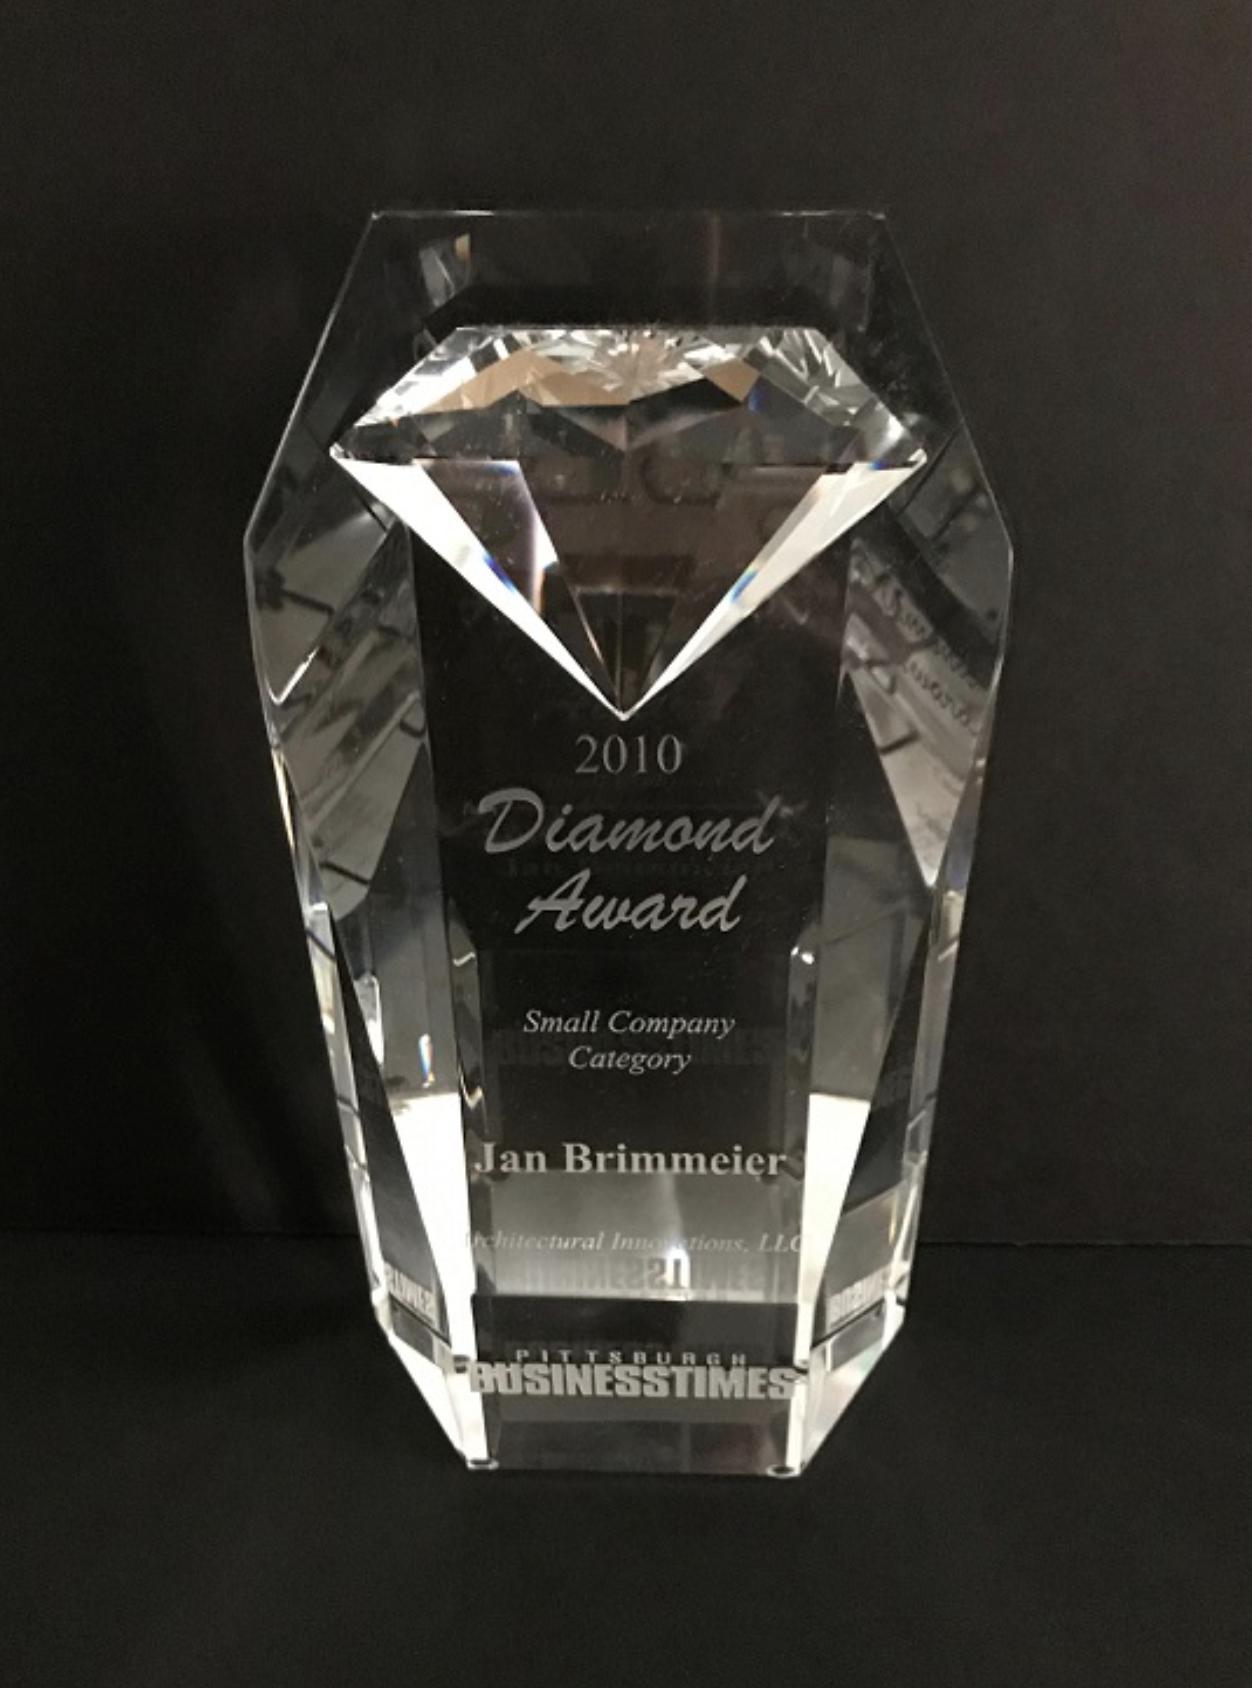 diamond award award.png